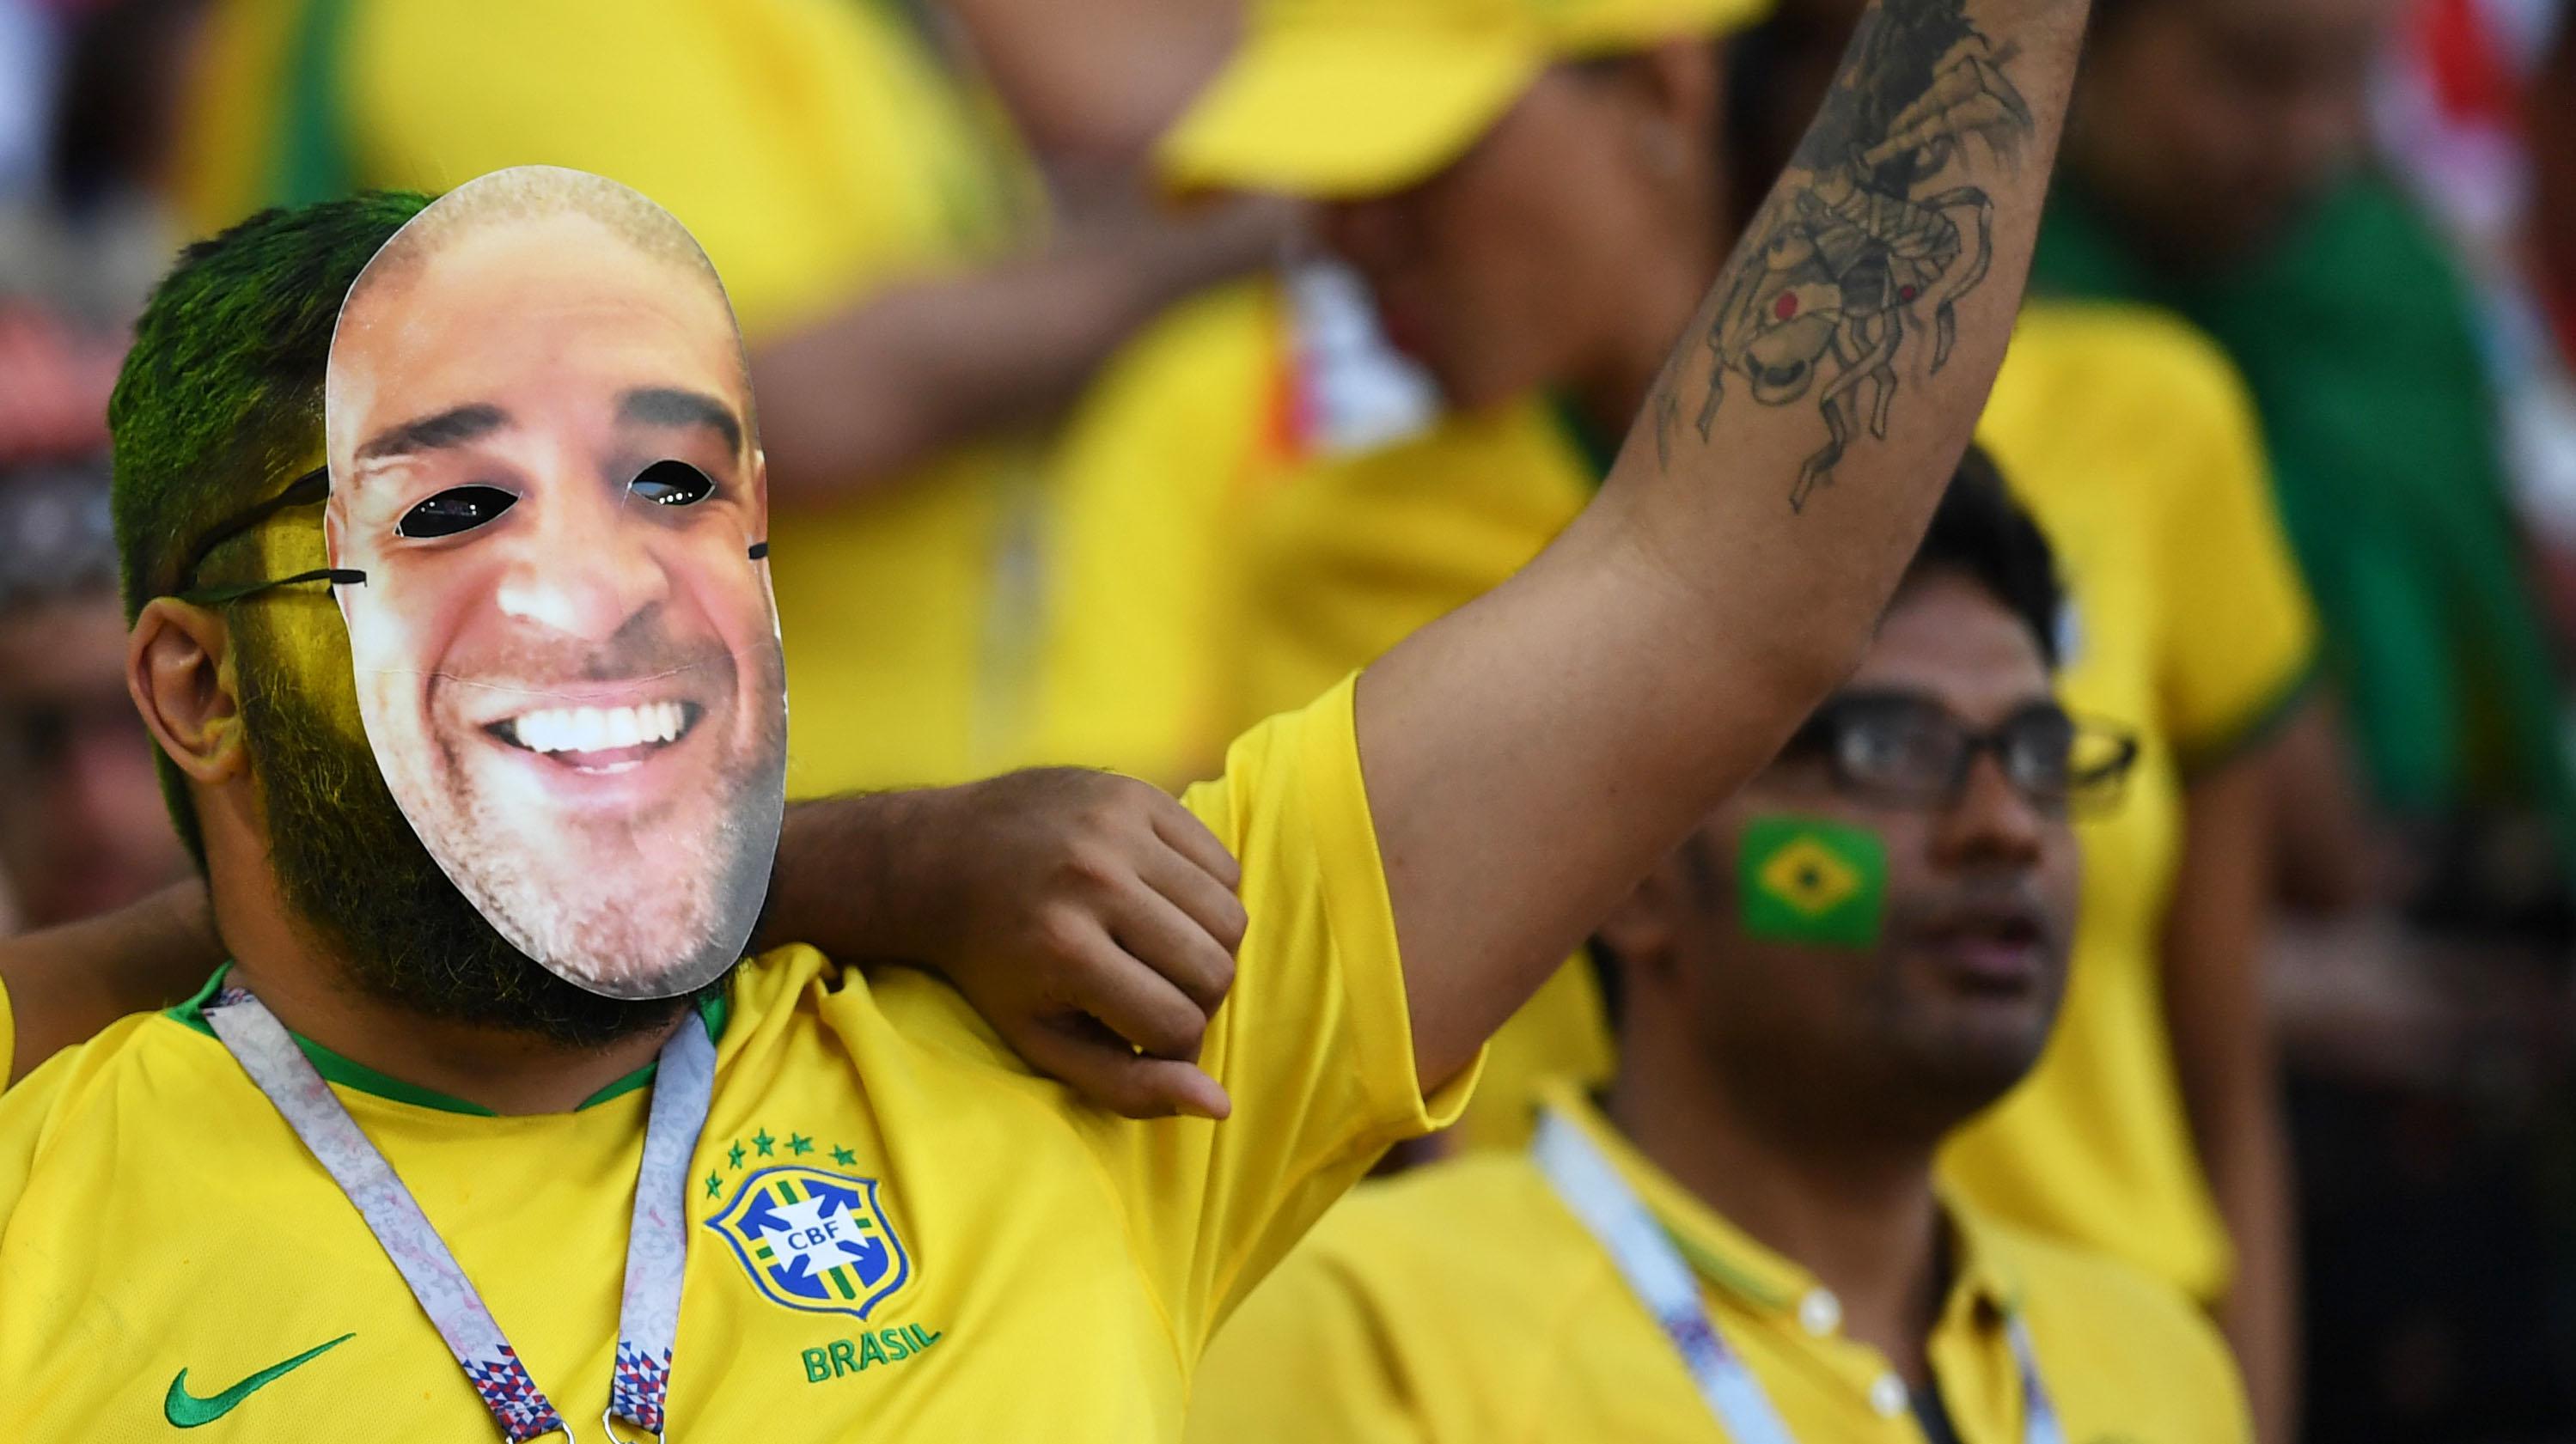 Un Libanais célèbre la victoire du Brésil, son voisin le tue